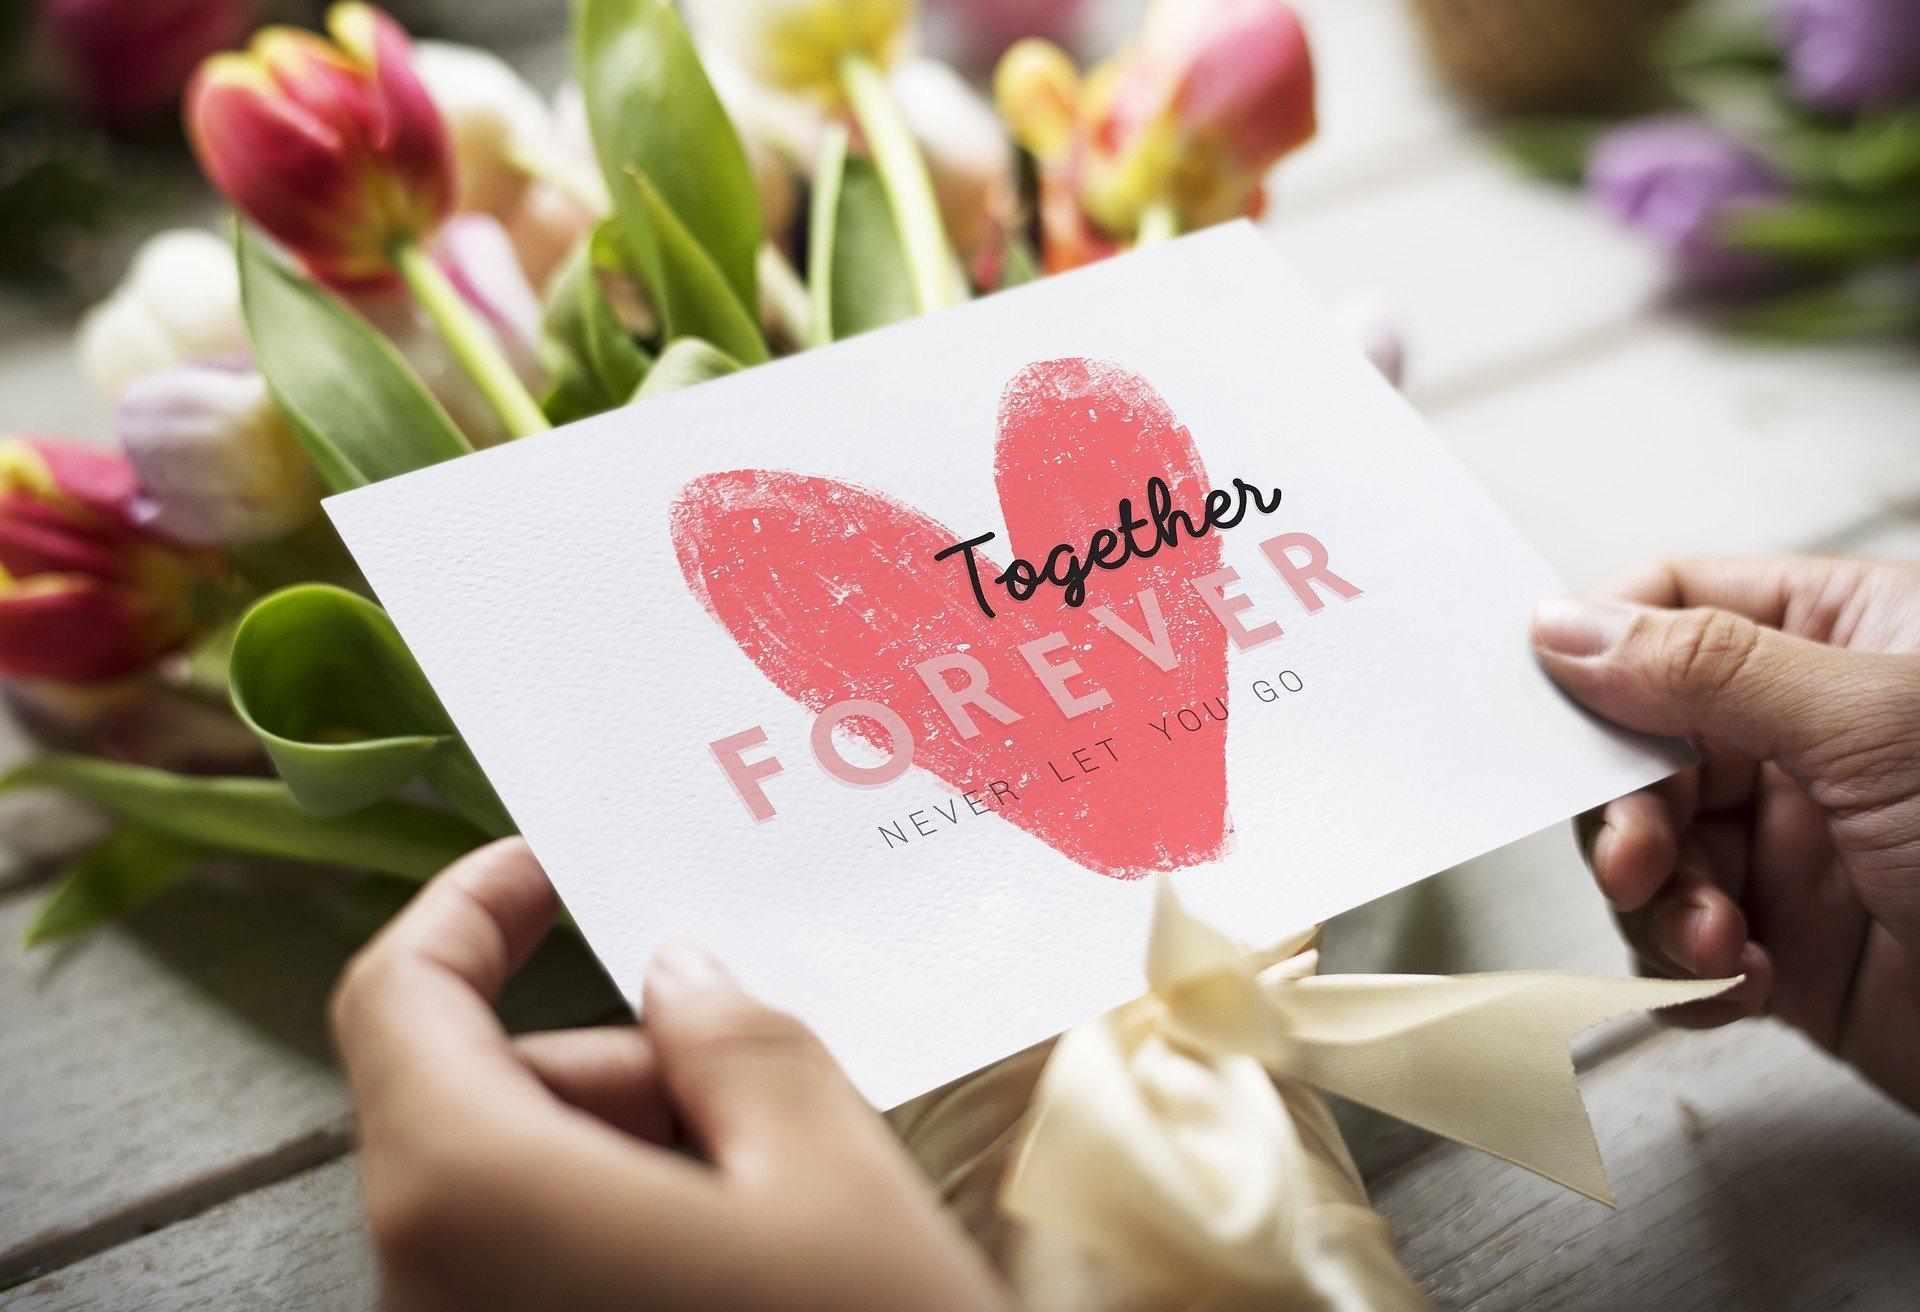 Anniversario Di Matrimonio Regalo Moglie.Le Migliori Idee Regalo Per Un Anniversario Di Matrimonio Per Lei